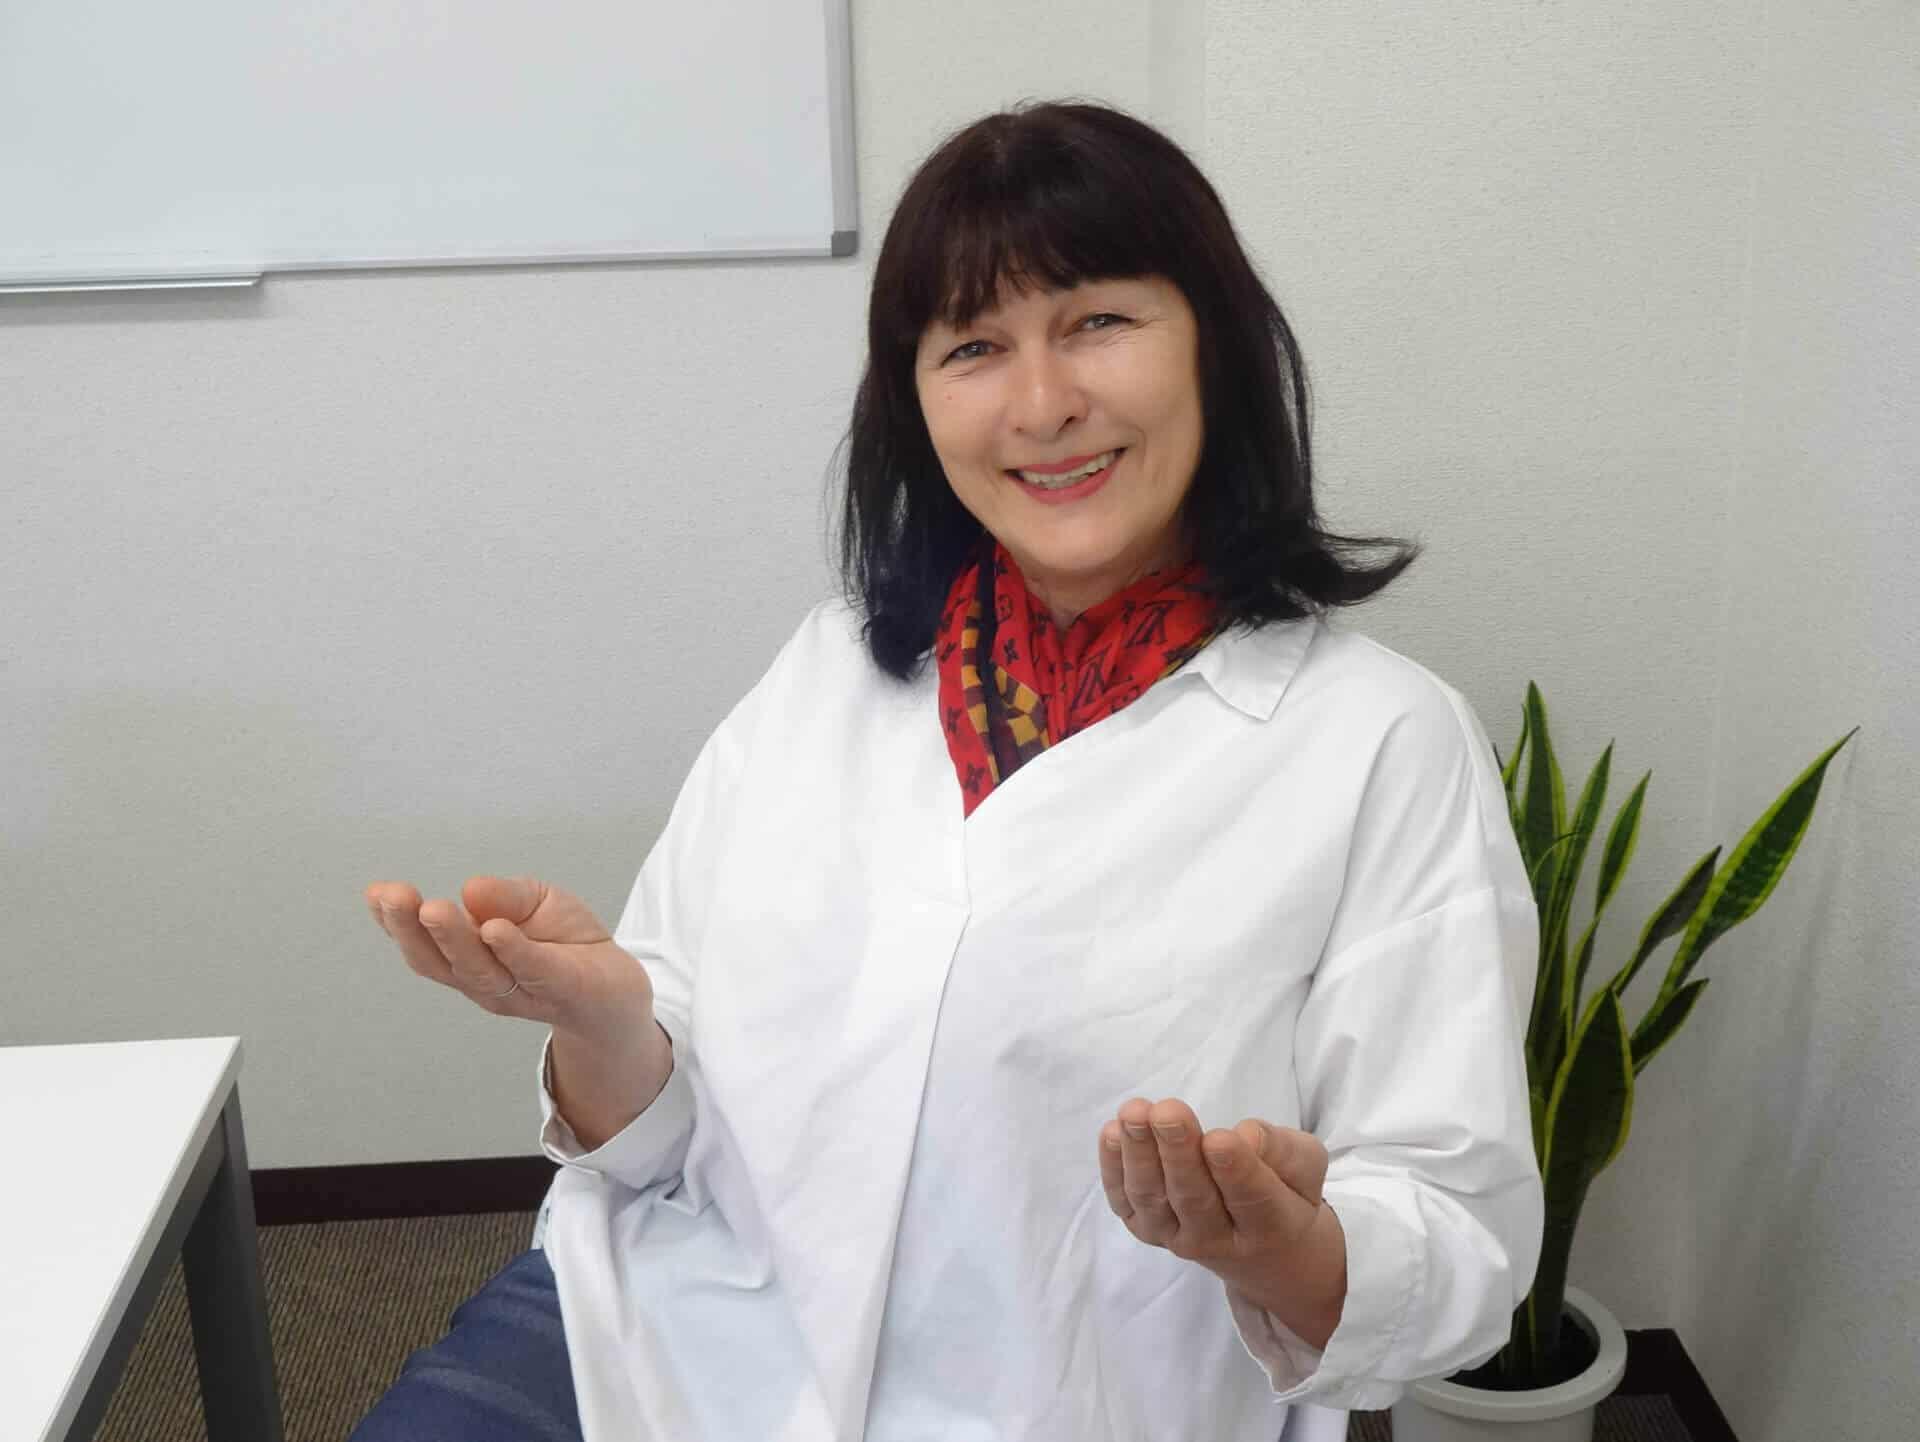 キッズ主任講師ベリンダが両手を広げて笑顔